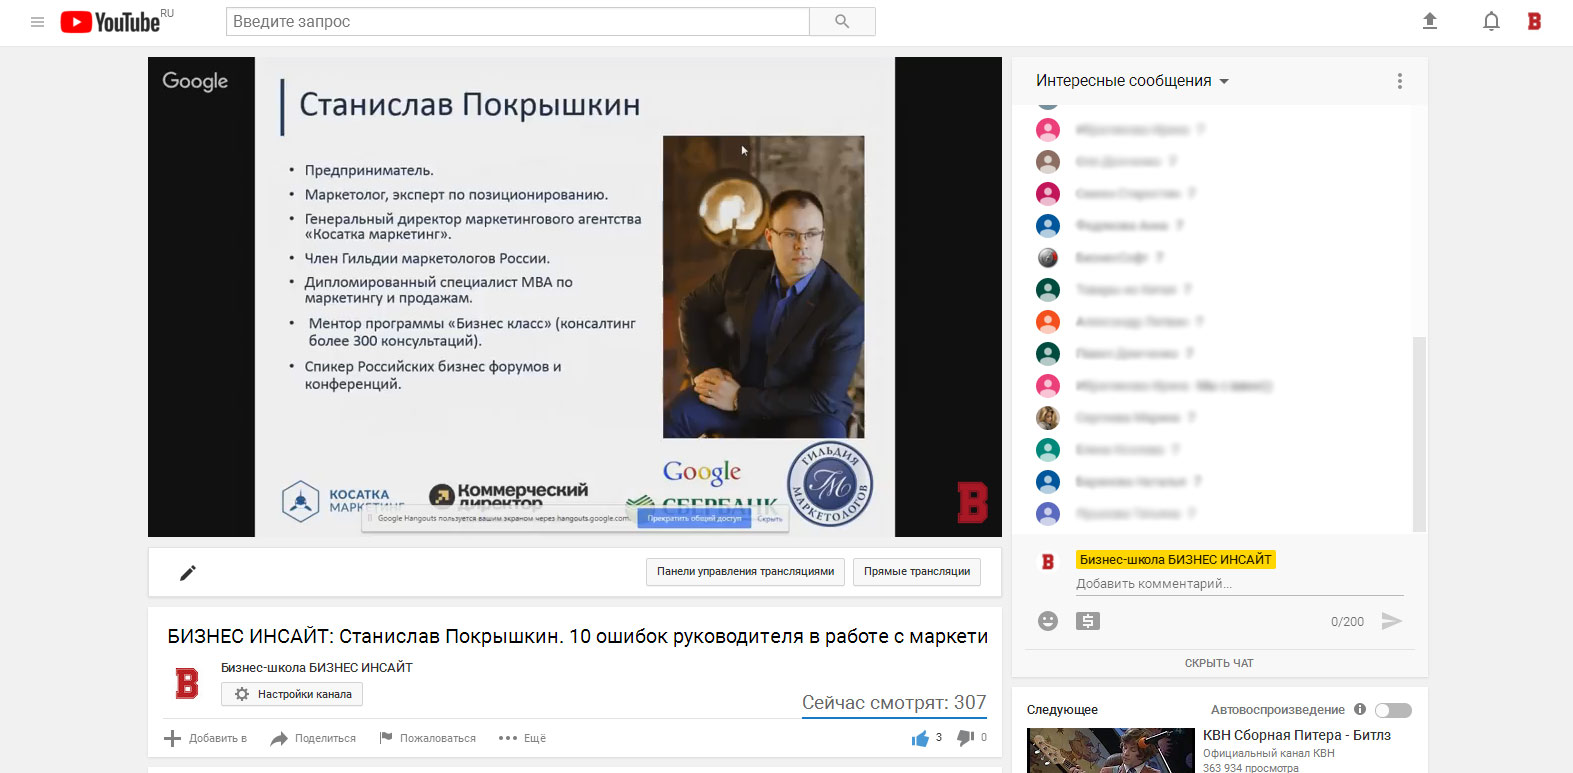 Станислав Покрышкин провел открытый (бесплатный) вебинар на площадке БИЗНЕС ИНСАЙТ